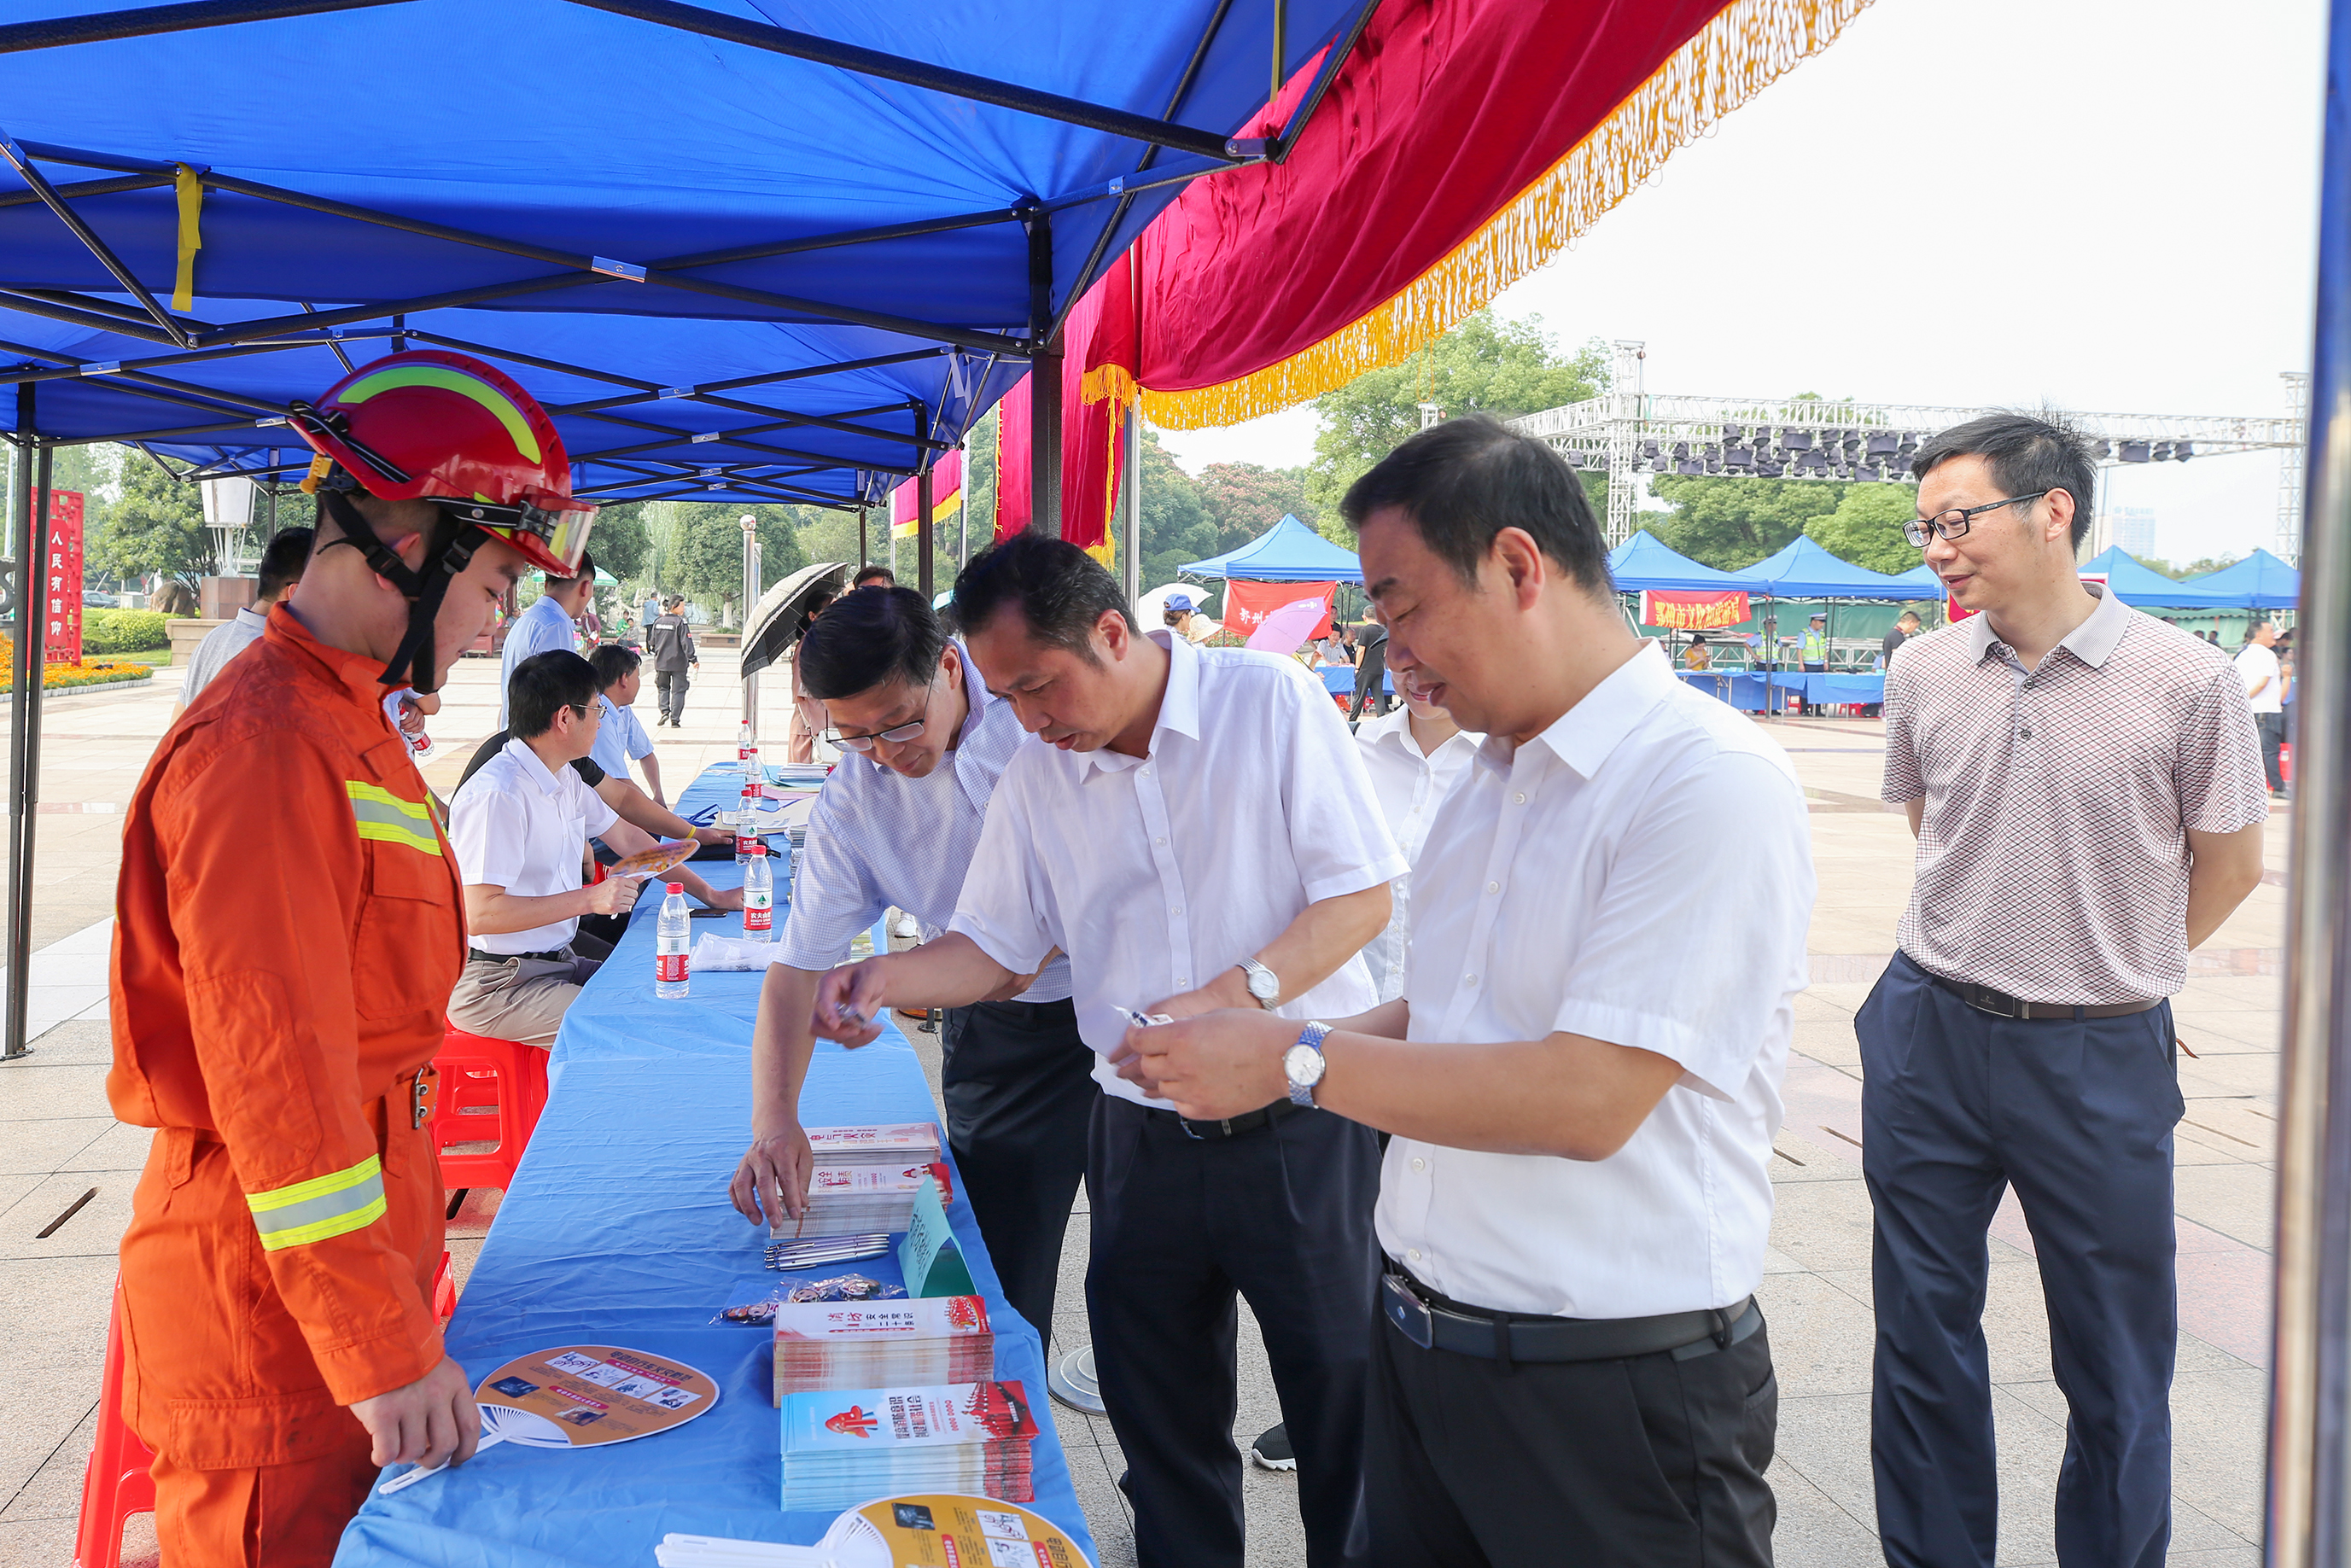 鄂州市举办安全生产月活动,